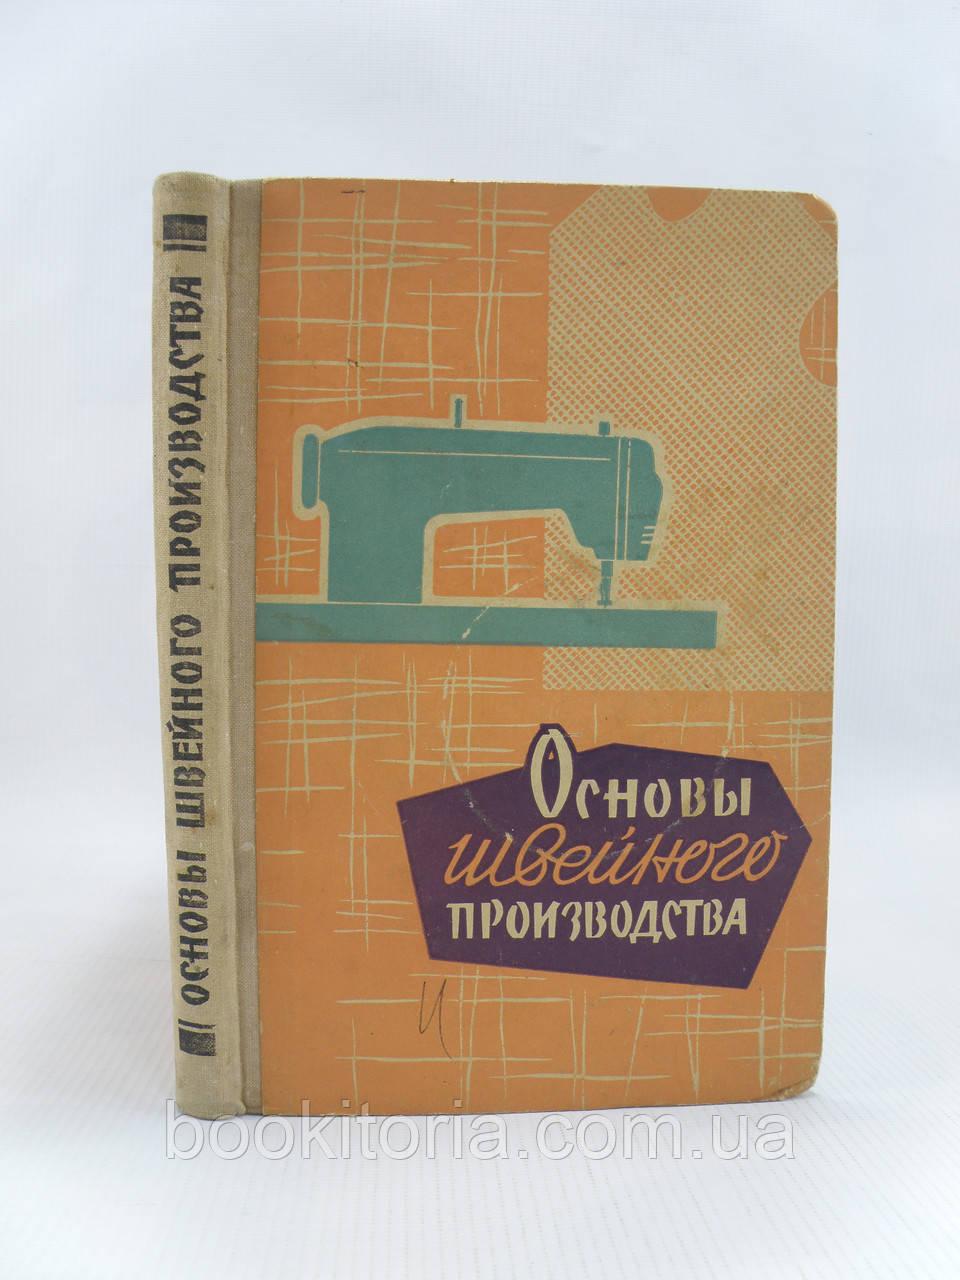 Основы швейного производства (б/у).